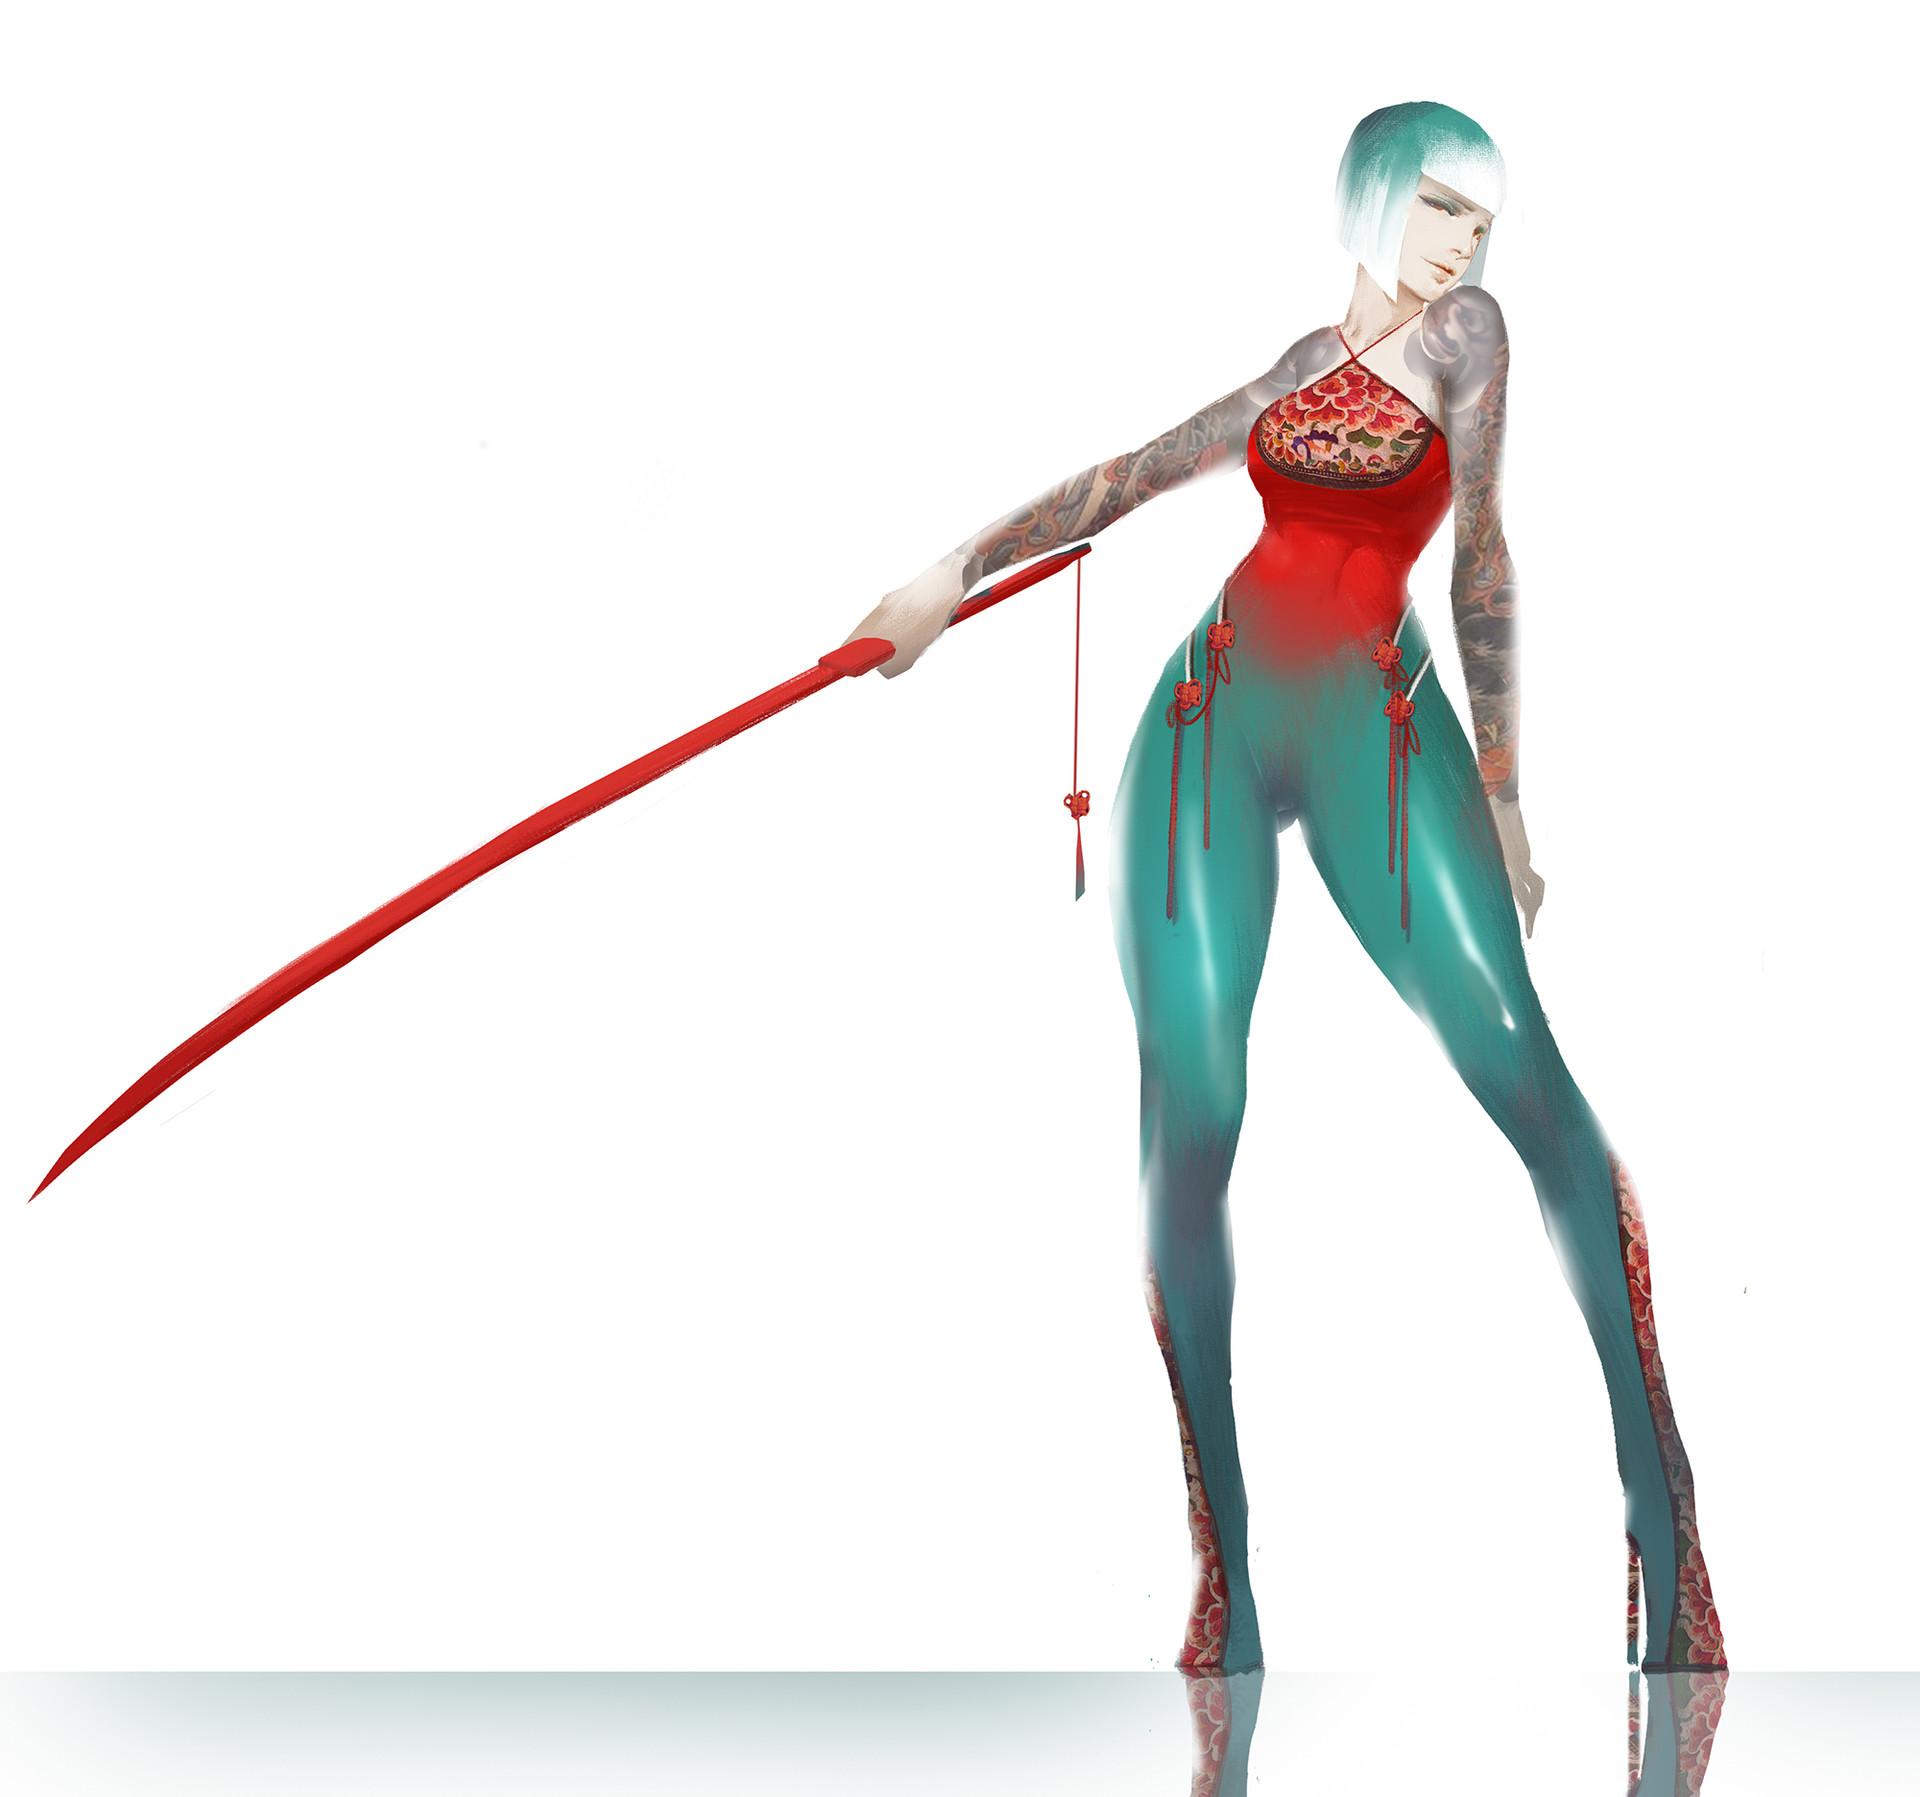 【秀上线】资深游戏角色概念设计师Amama L作品欣赏2